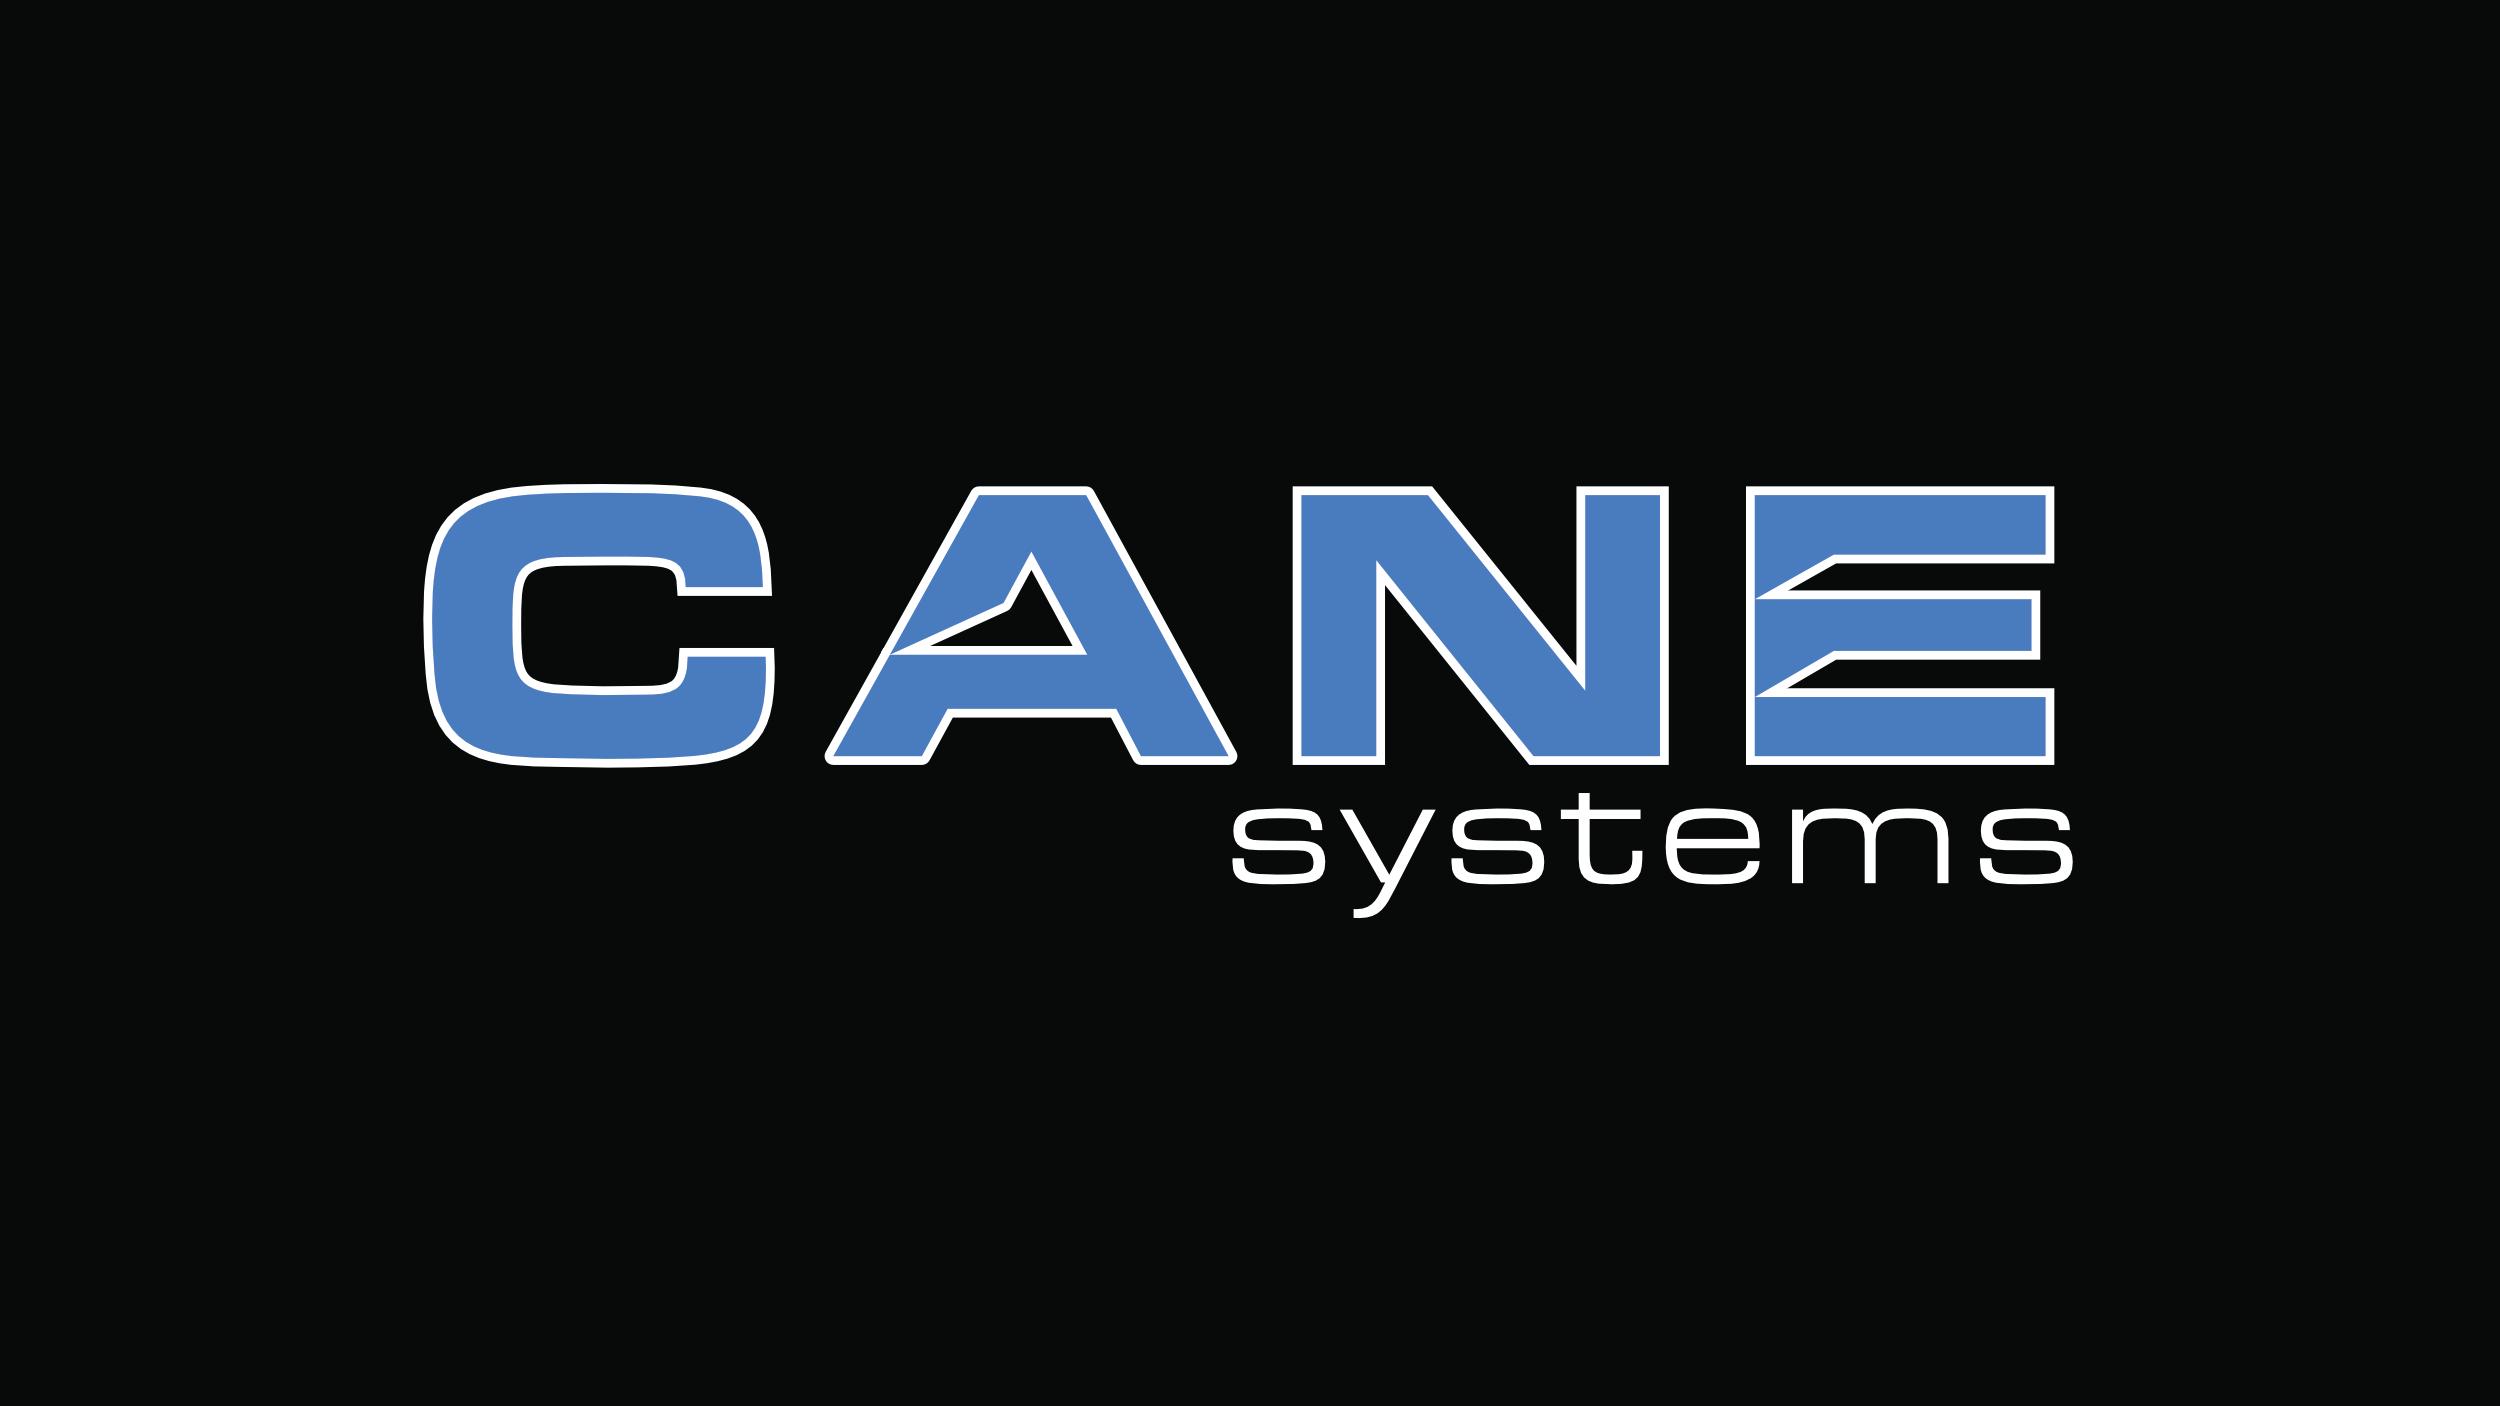 cane-systems-llc-5b9424d7